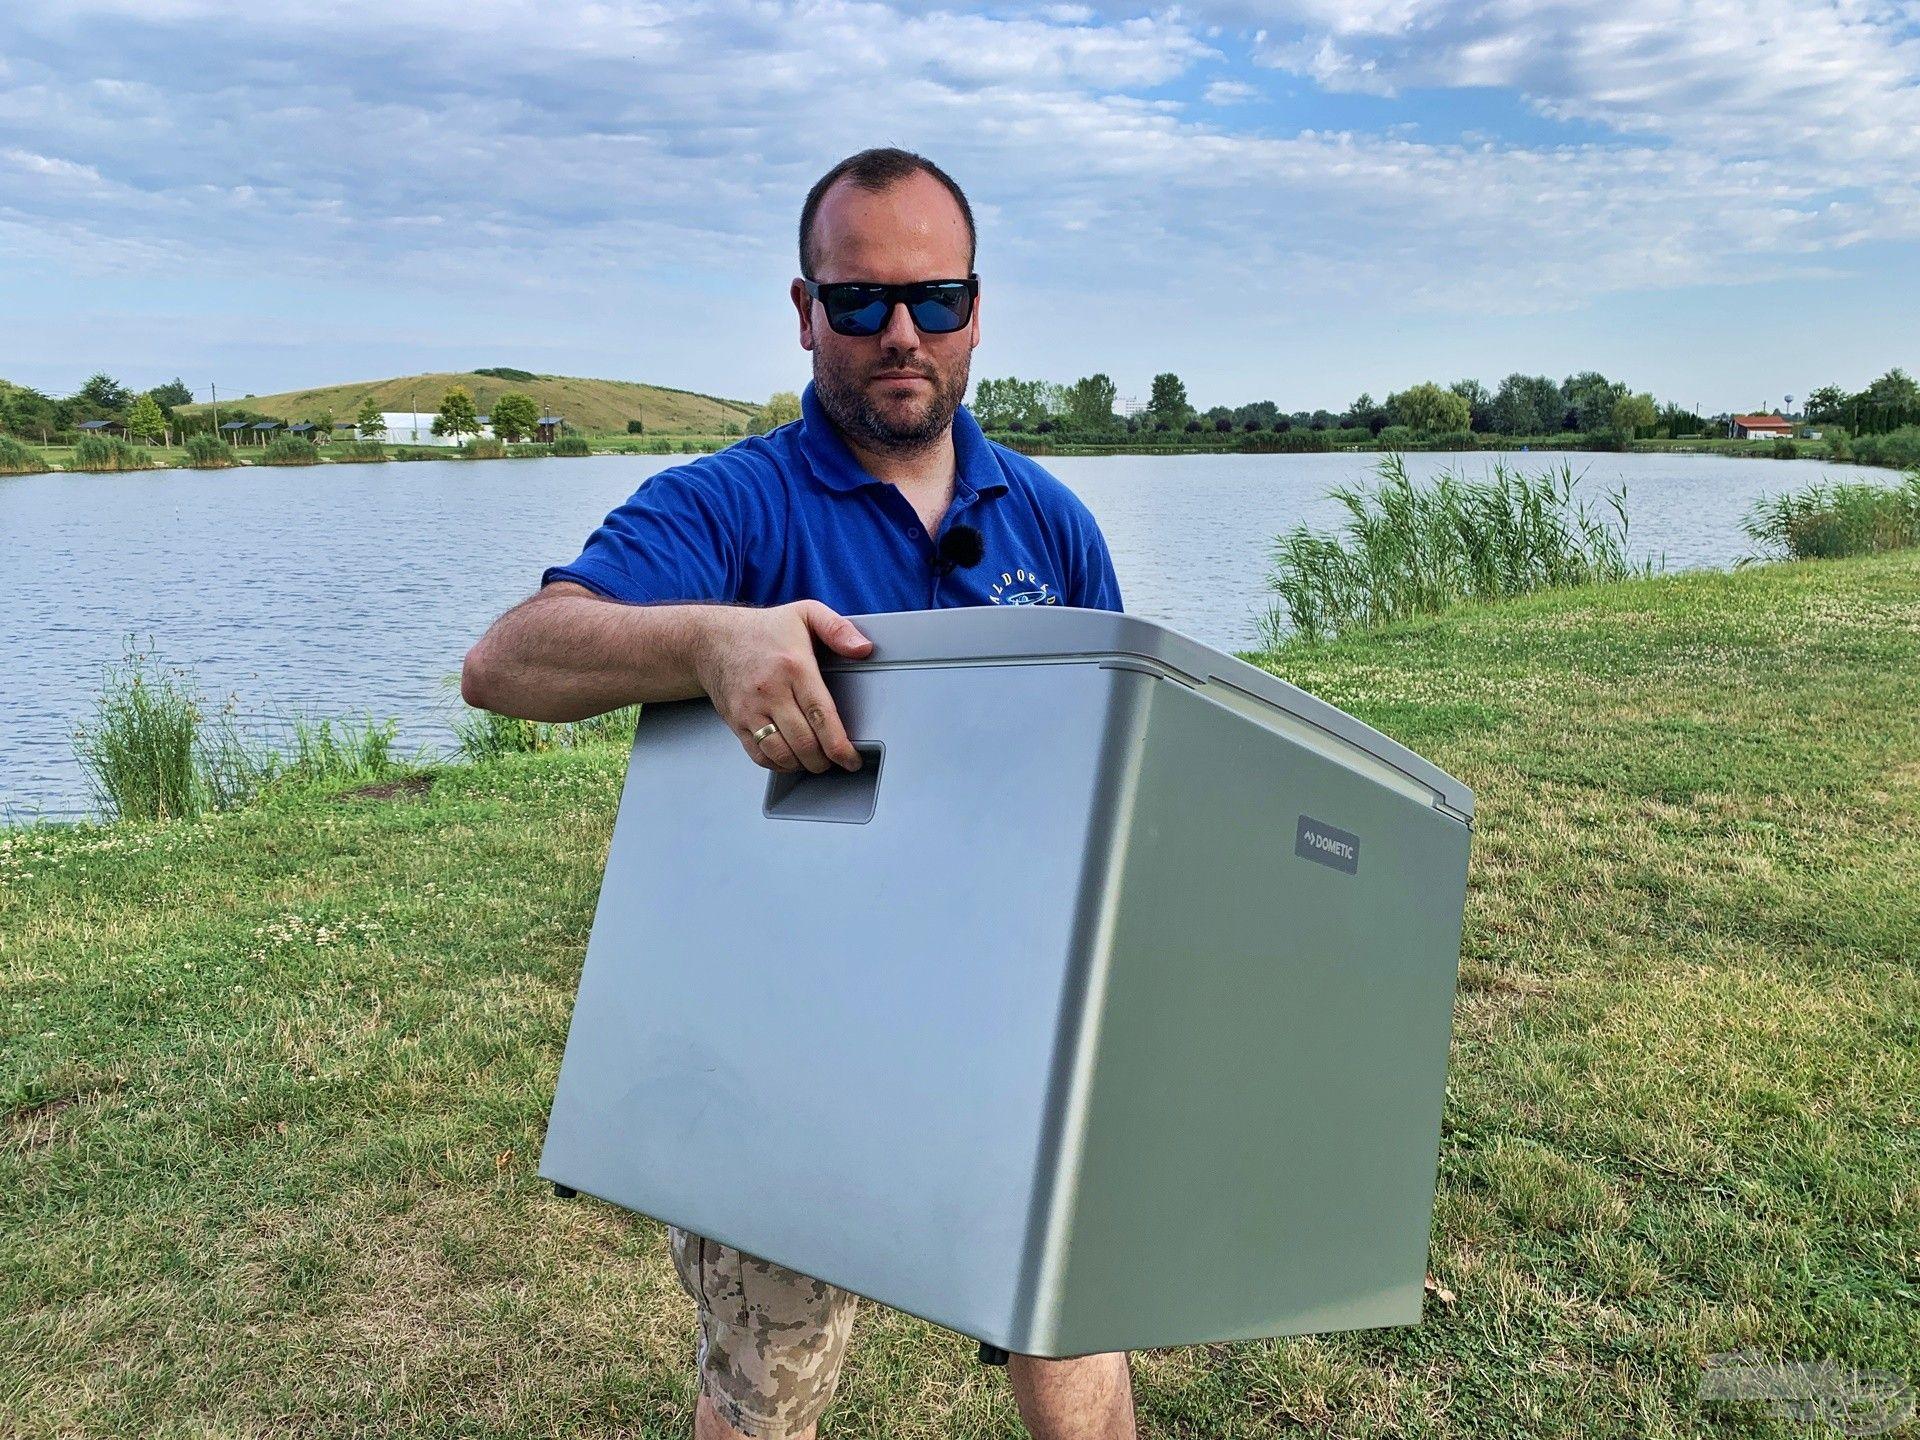 A hűtőbox önsúlya 11 kg, de telipakolva akár 45 kg is lehet